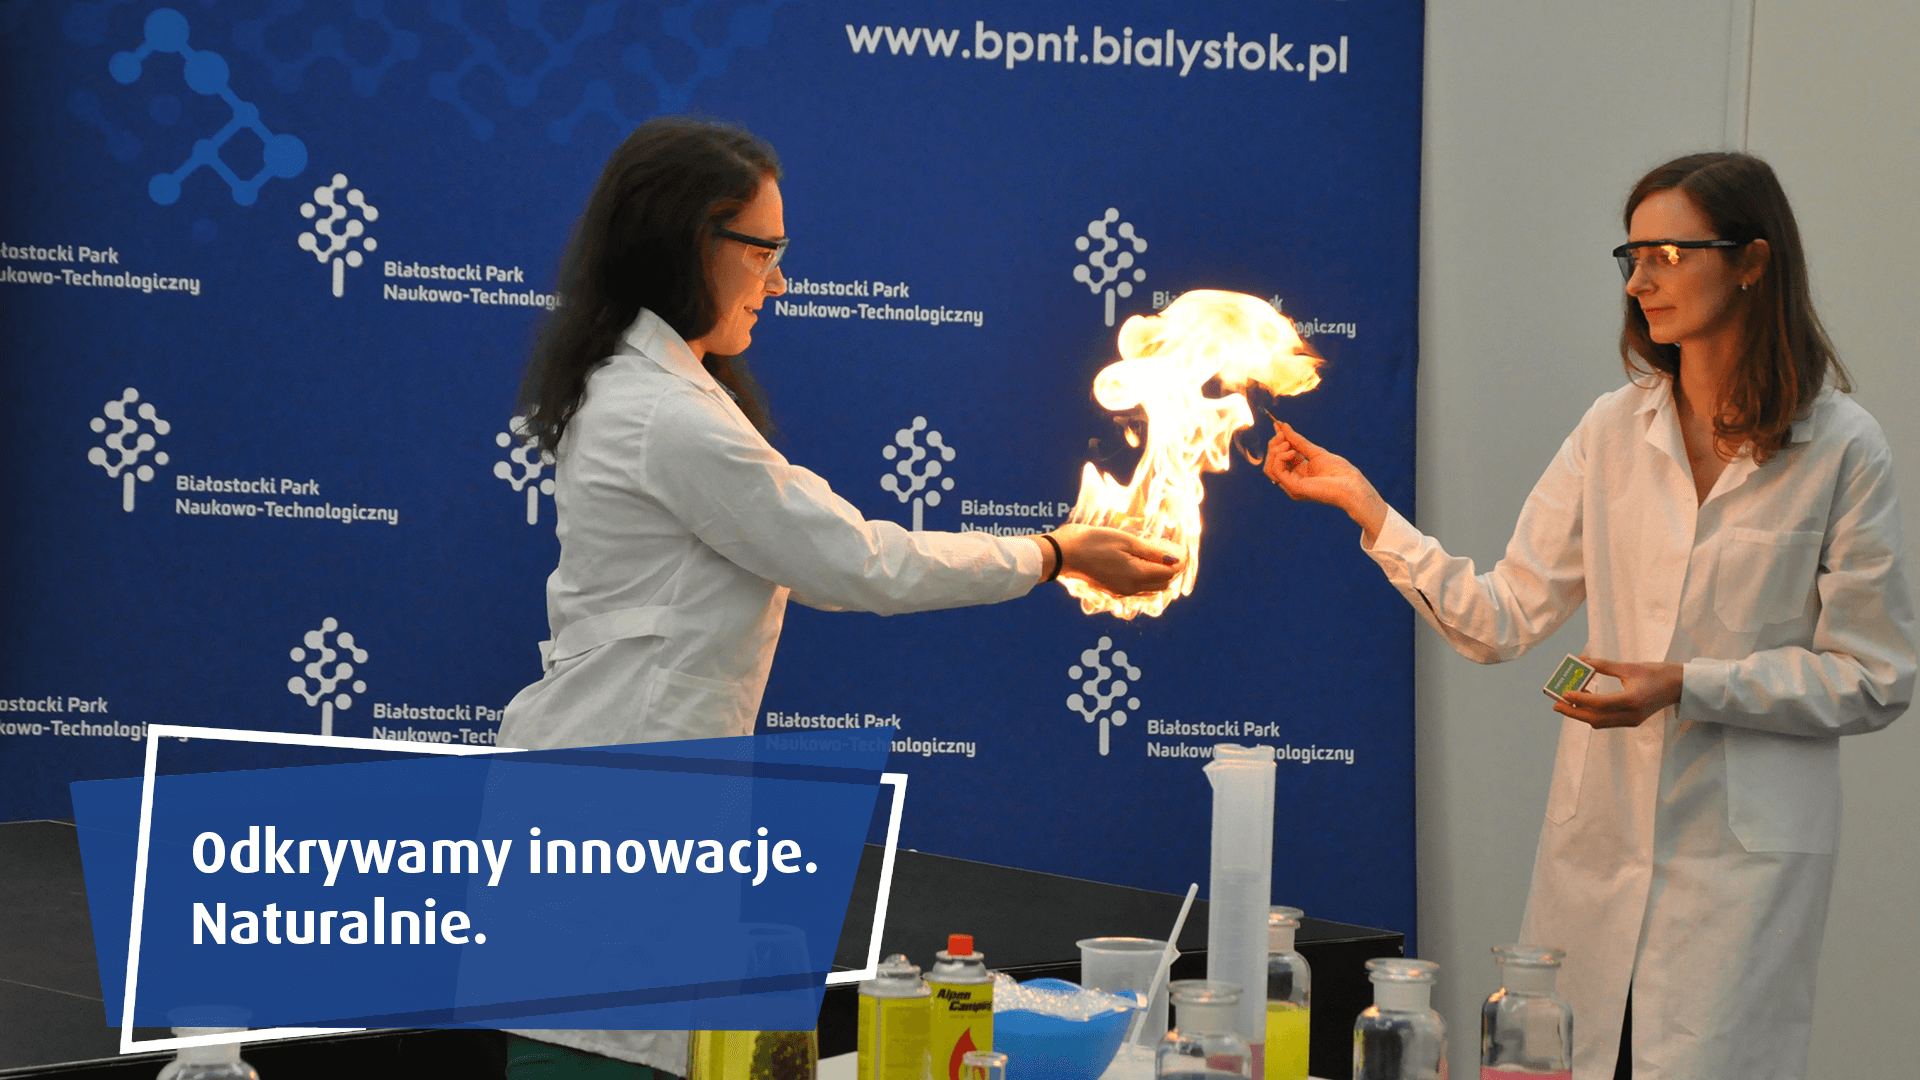 Odkrywamy innowacje. Naturalnie